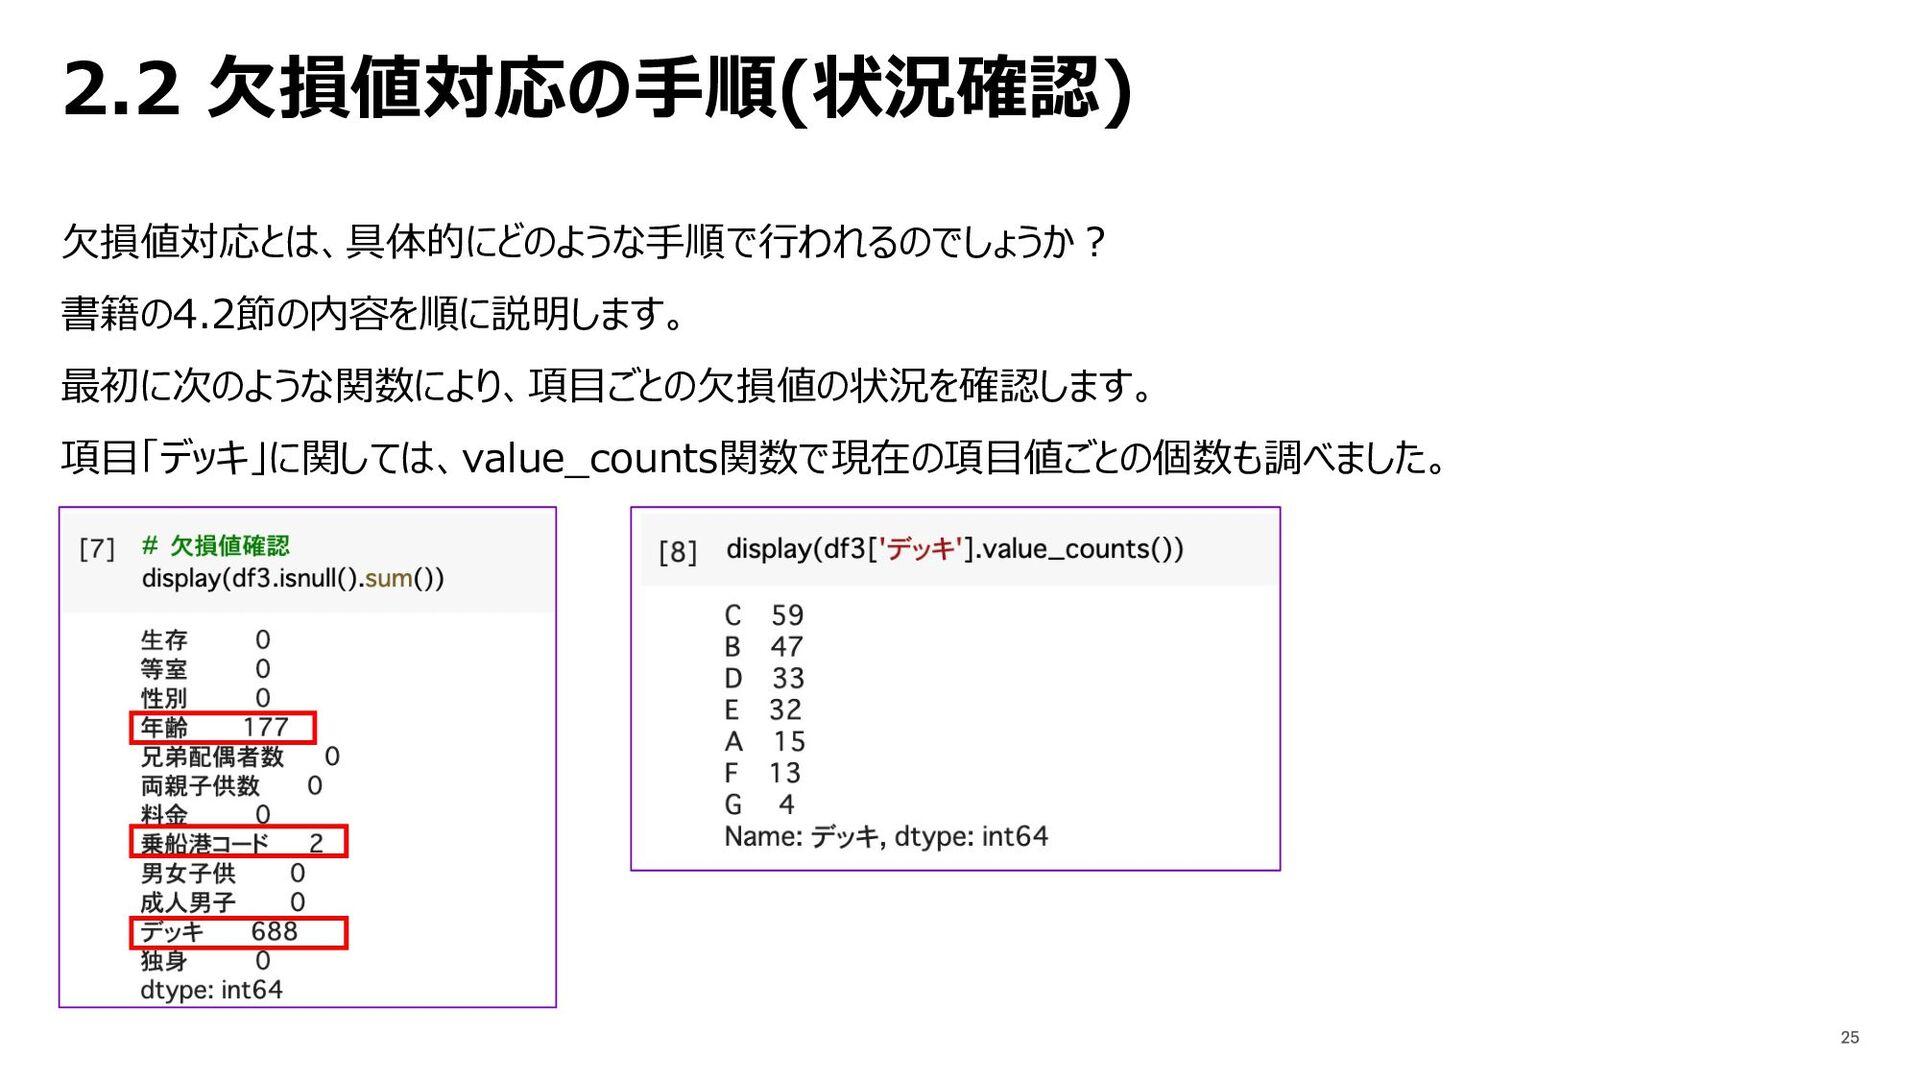 2.2 ⽋損値対応の⼿順(状況確認) ⽋損値対応とは、具体的にどのような⼿順で⾏われるのでしょ...